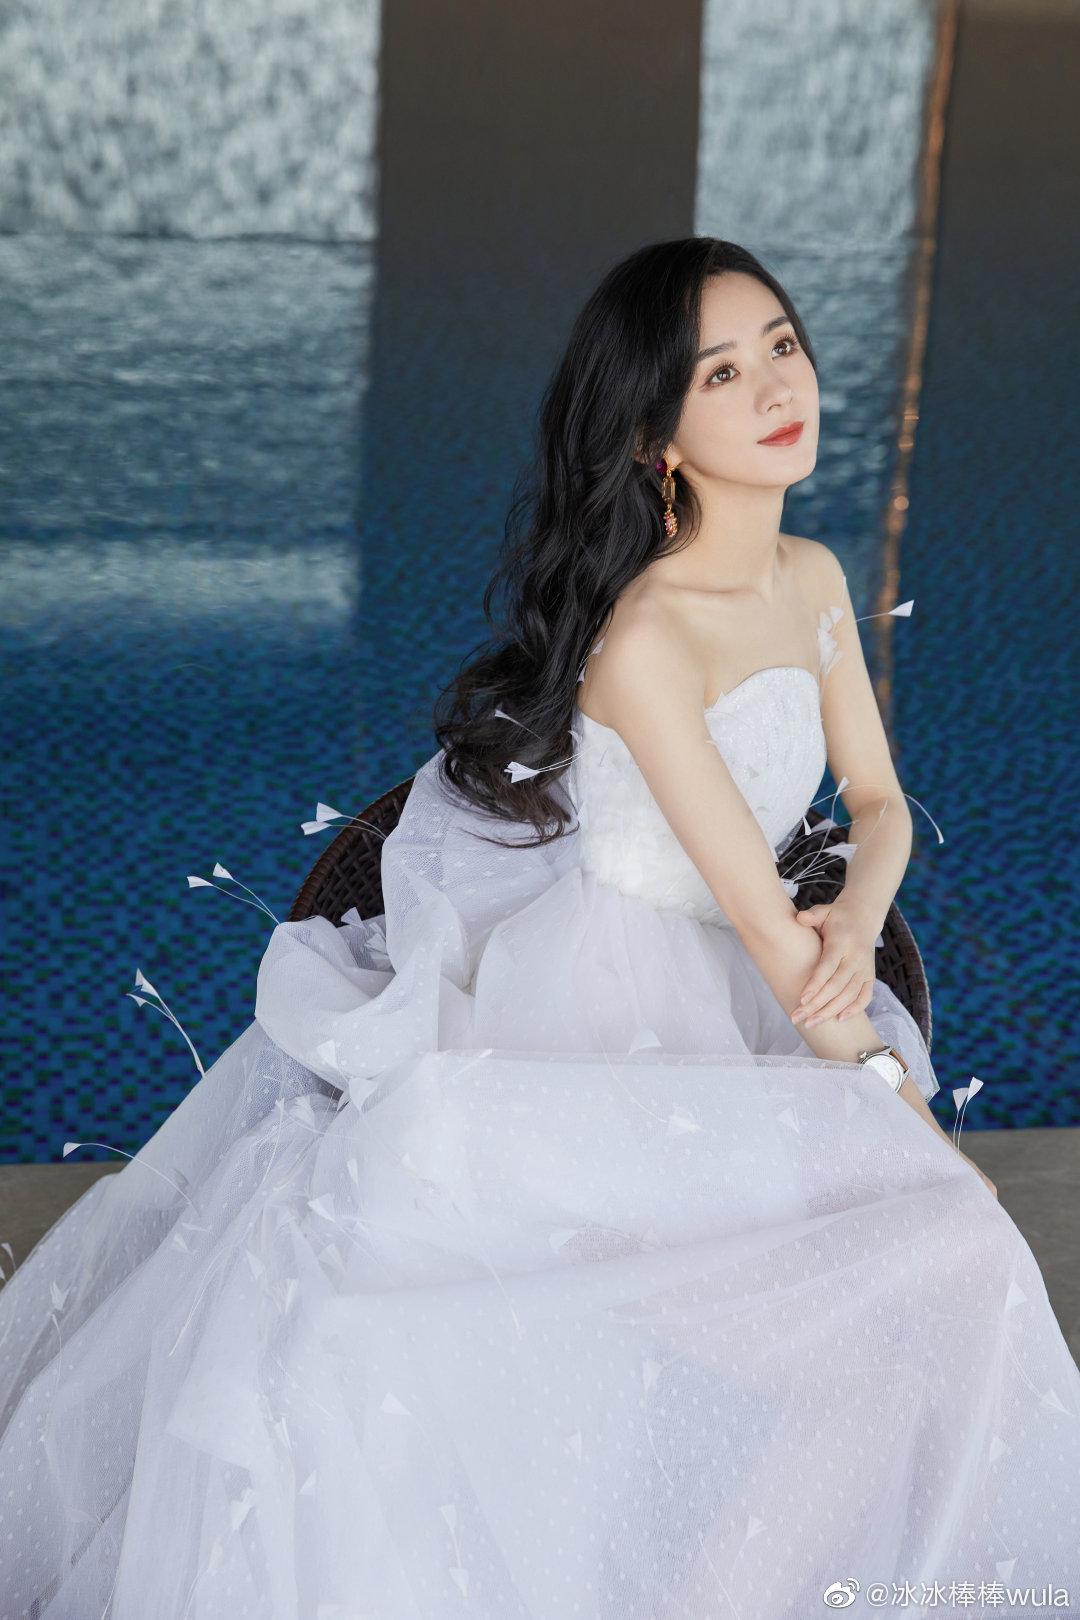 Poster 8 tấm A4 Triệu Lệ Dĩnh diễn viên thần tượng Cpop tranh treo album ảnh in hình đẹp (MẪU GIAO NGẪU NHIÊN)